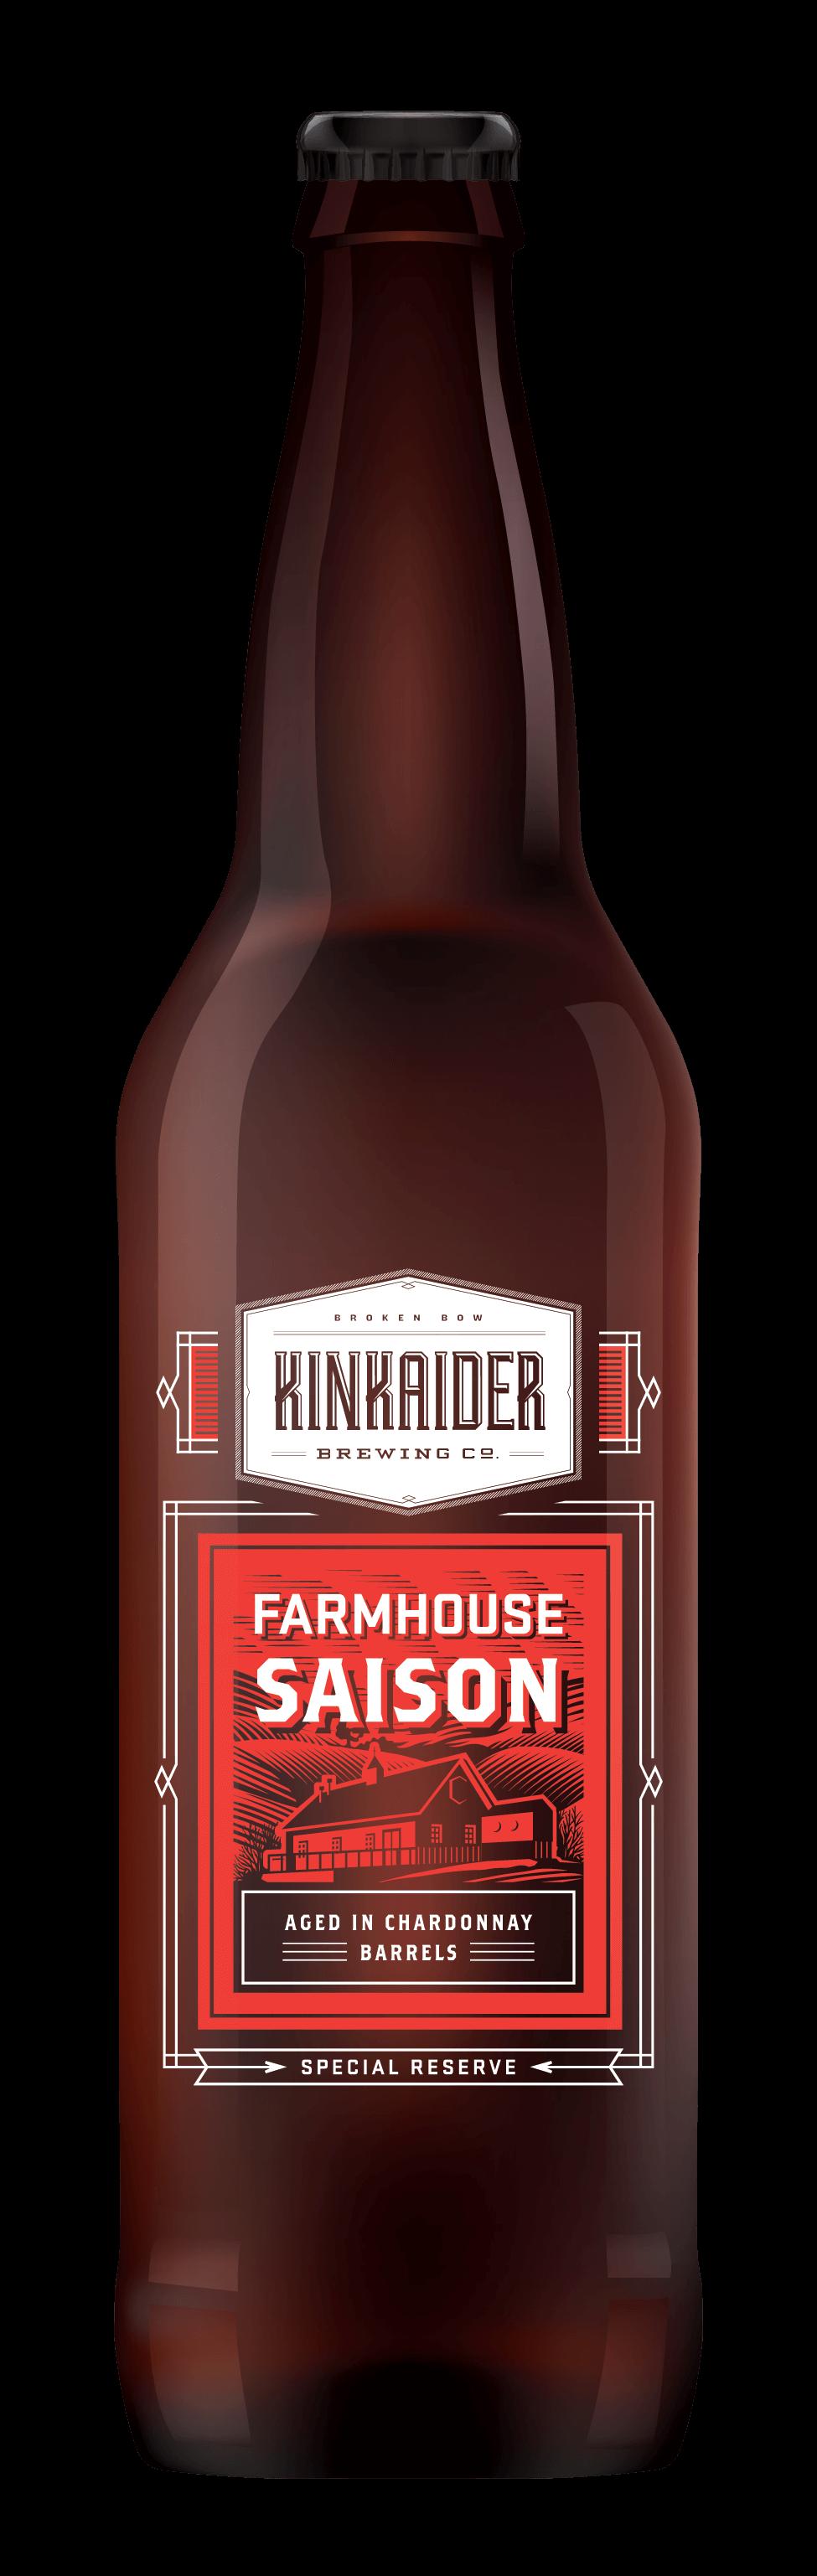 Farmhouse Saison